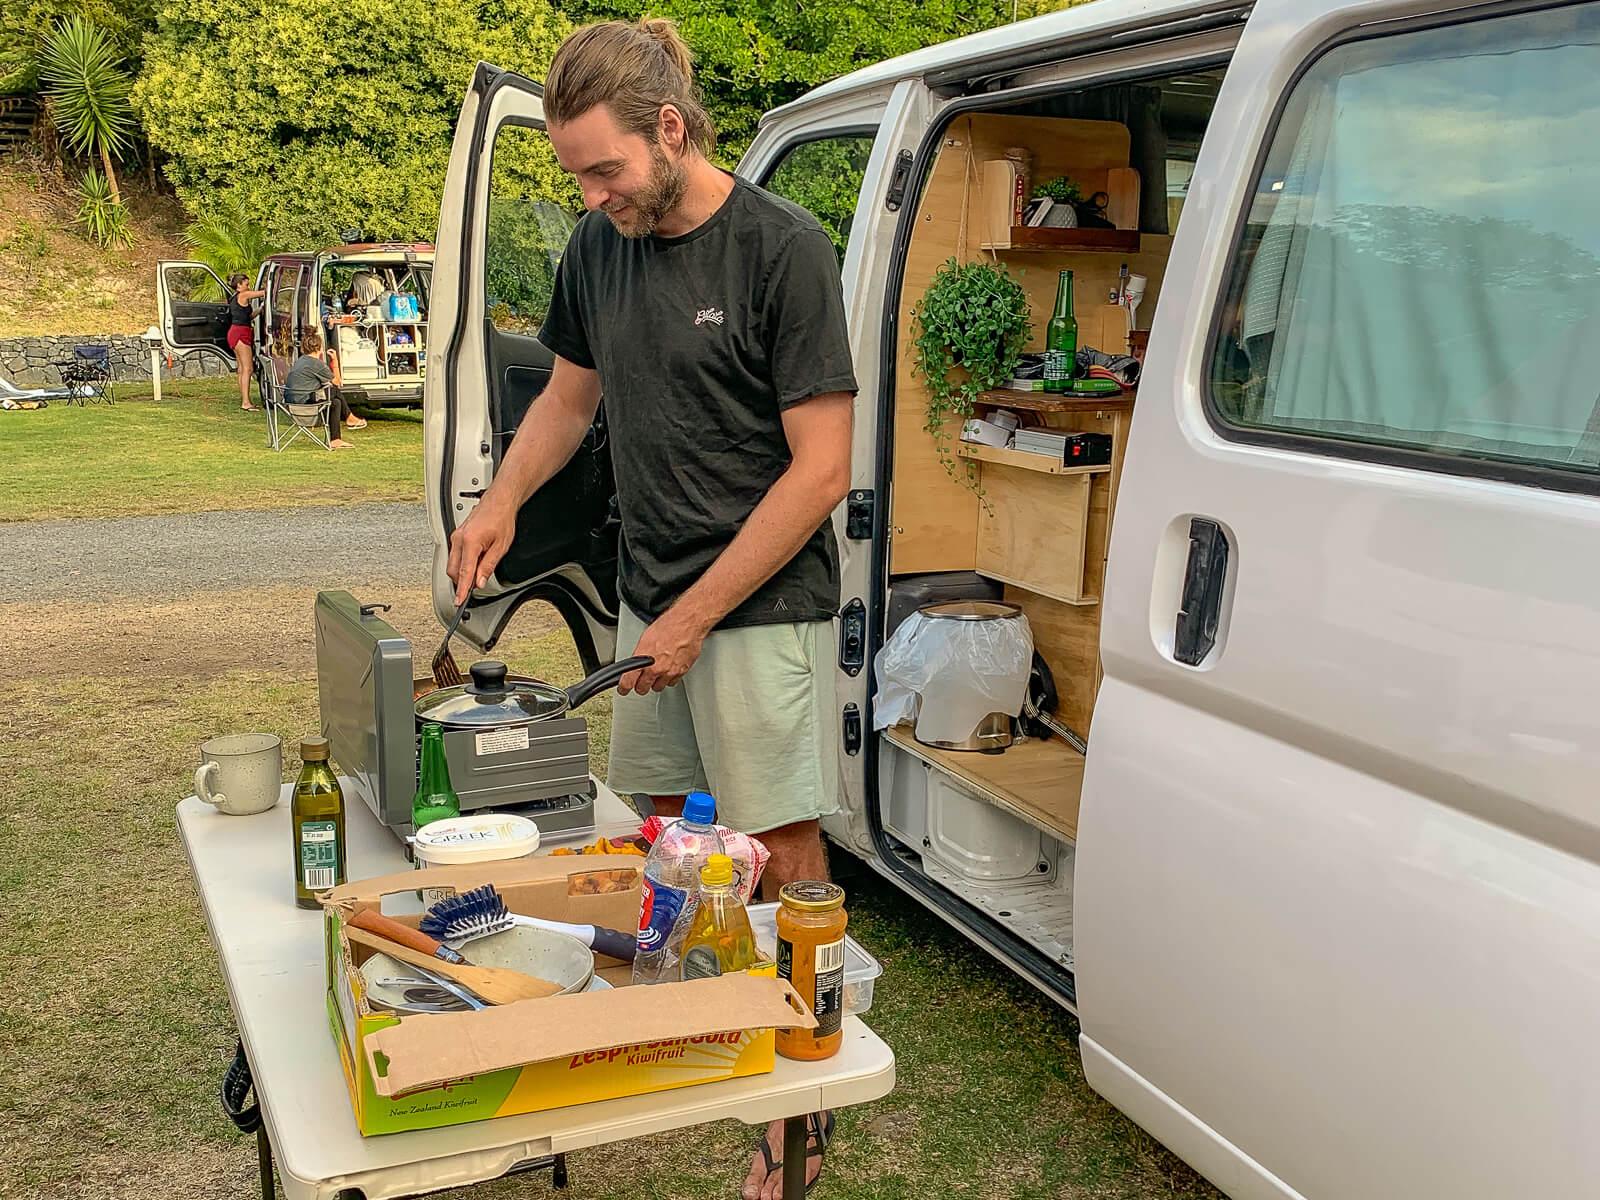 Altijd overal kunnen koken met een camper - by NOMADS